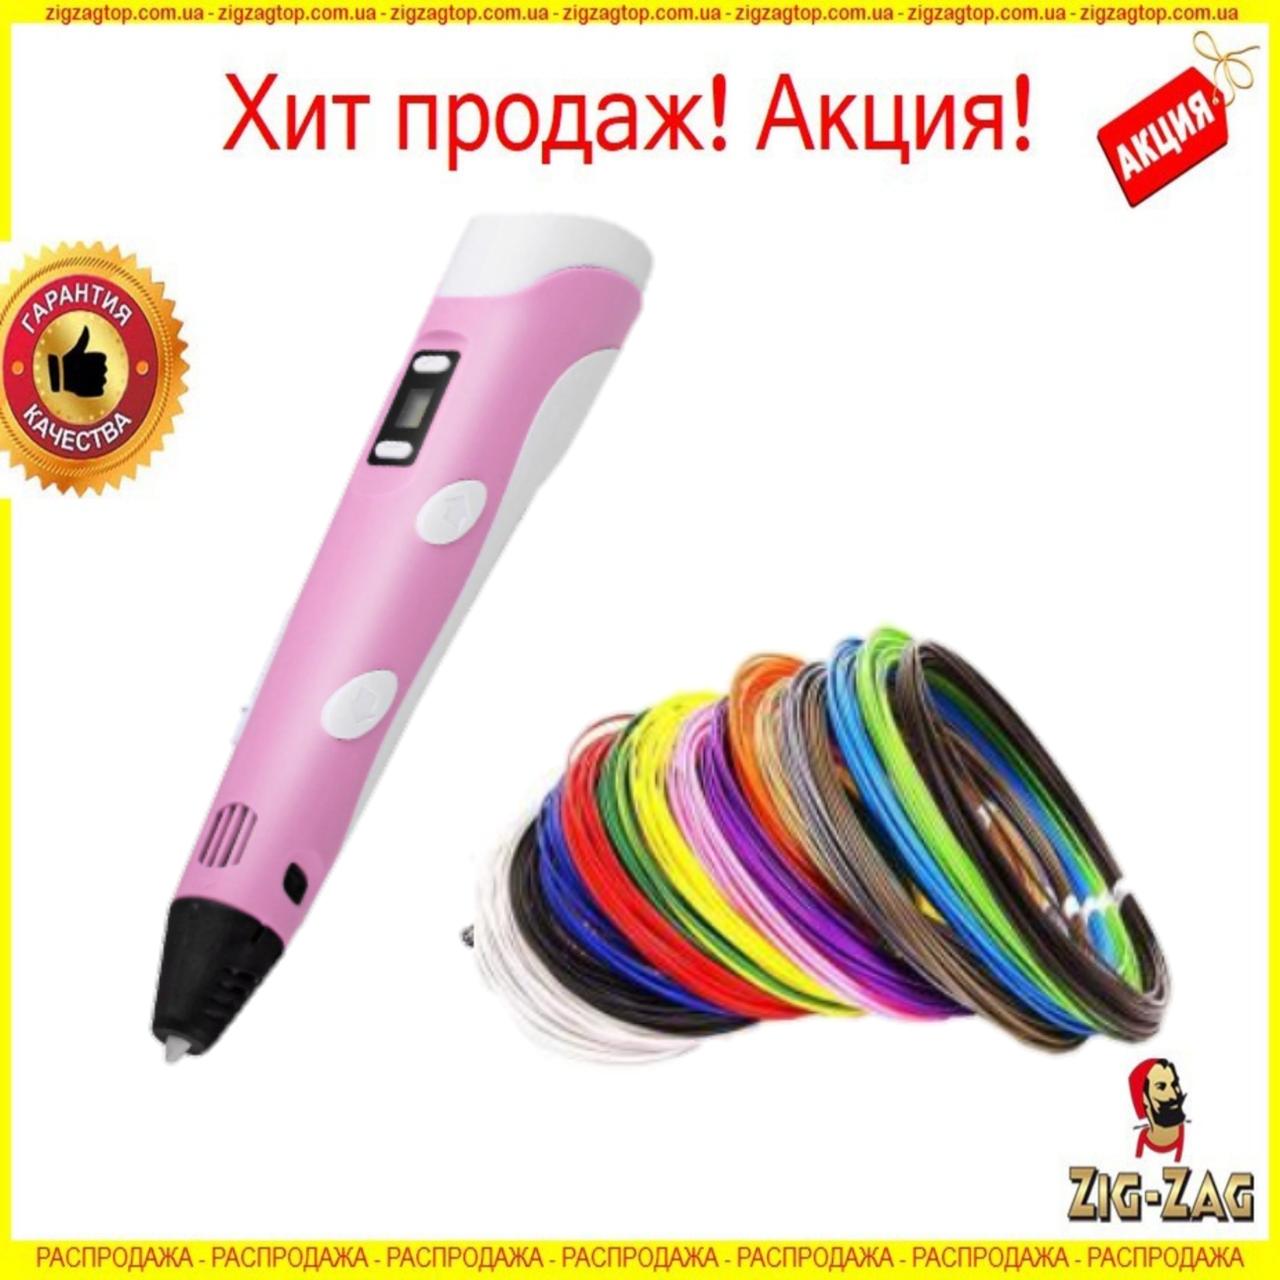 ОРИГІНАЛ 3D PEN Ручка 2 Покоління з Led Дисплеєм + Пластик 3Д ручка Smart pen Пен для Малювання РІЗНІ КОЛЬОРИ!